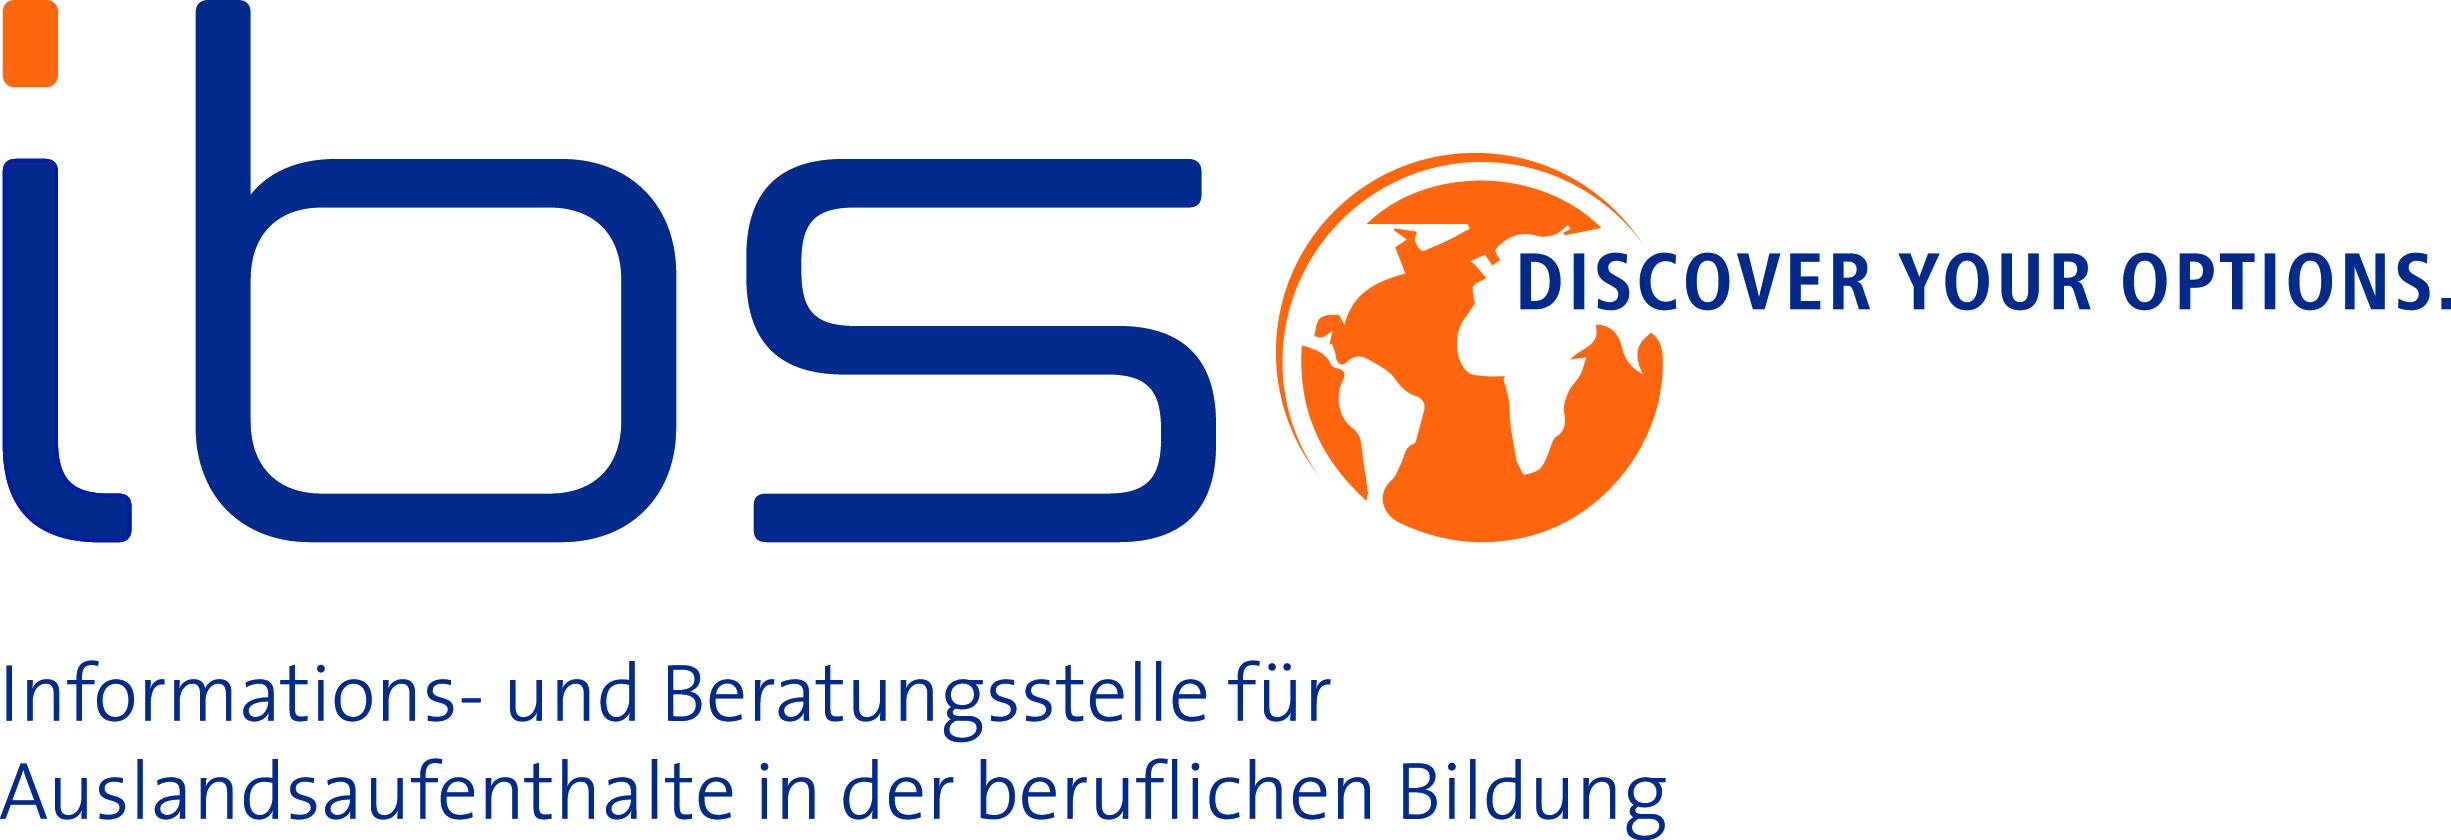 Informations- und Beratungsstelle für Auslandsaufenthalte